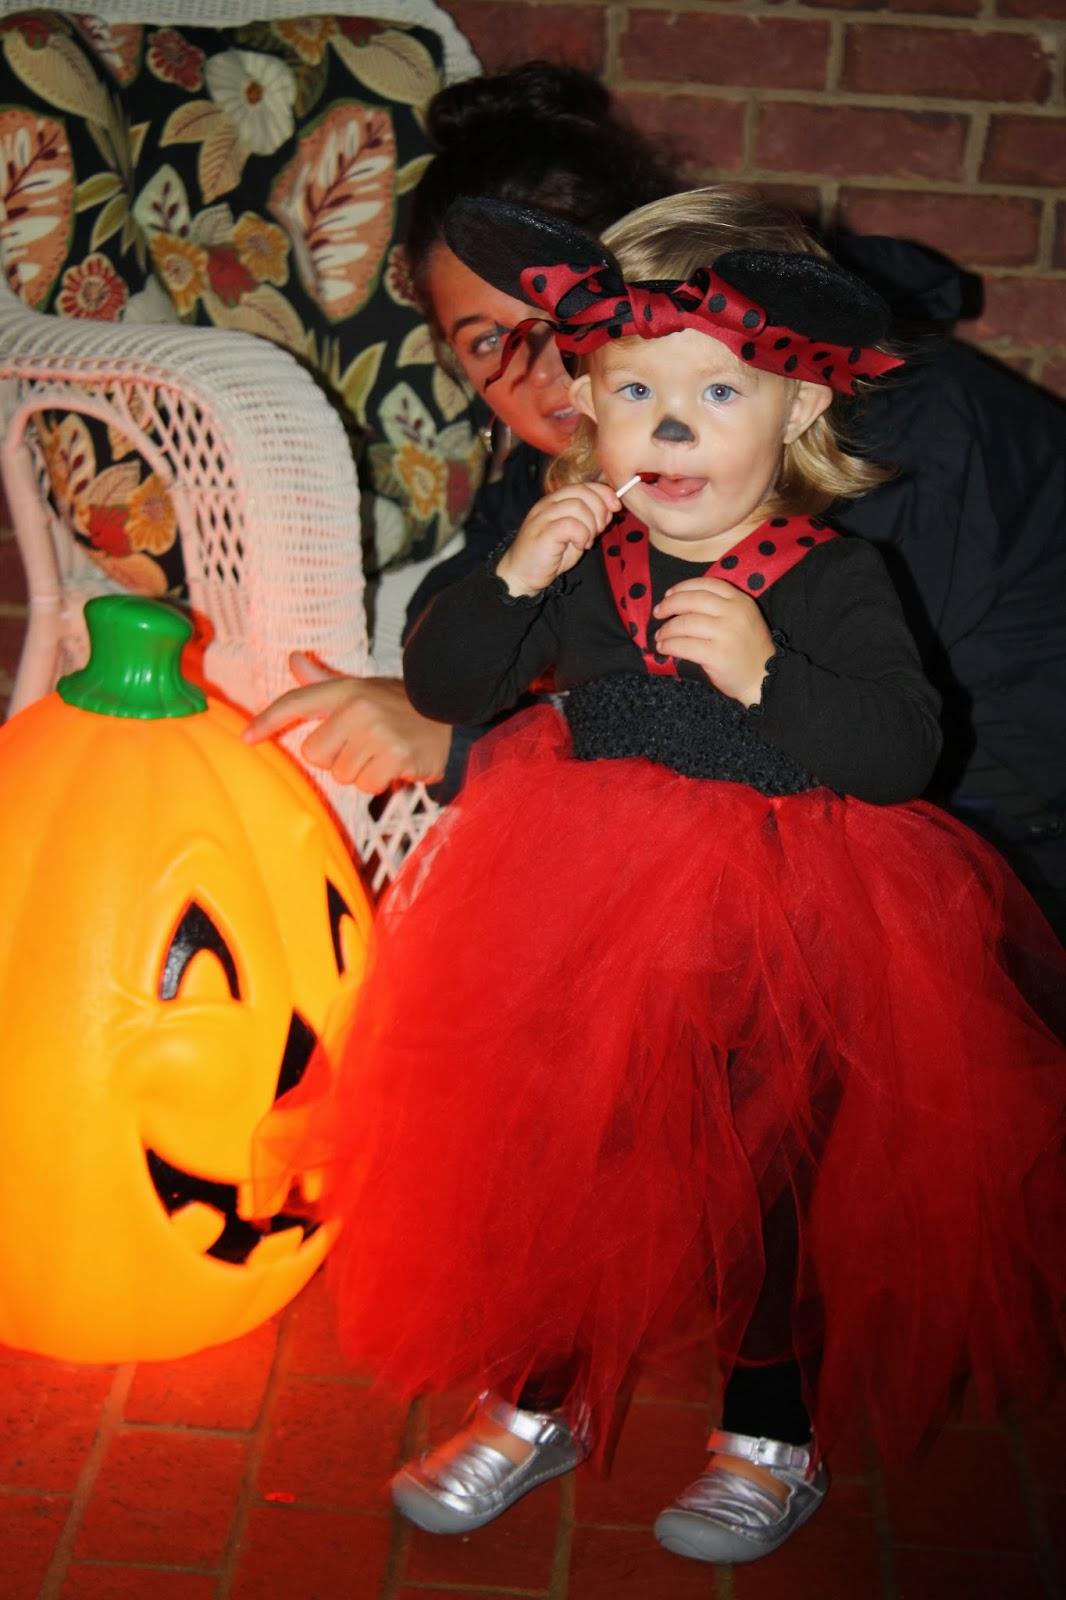 ... sour patch kid costume photo al best · size sour ...  sc 1 st  Best Kids Costumes & Sour Patch Kids Costumes - Best Kids Costumes